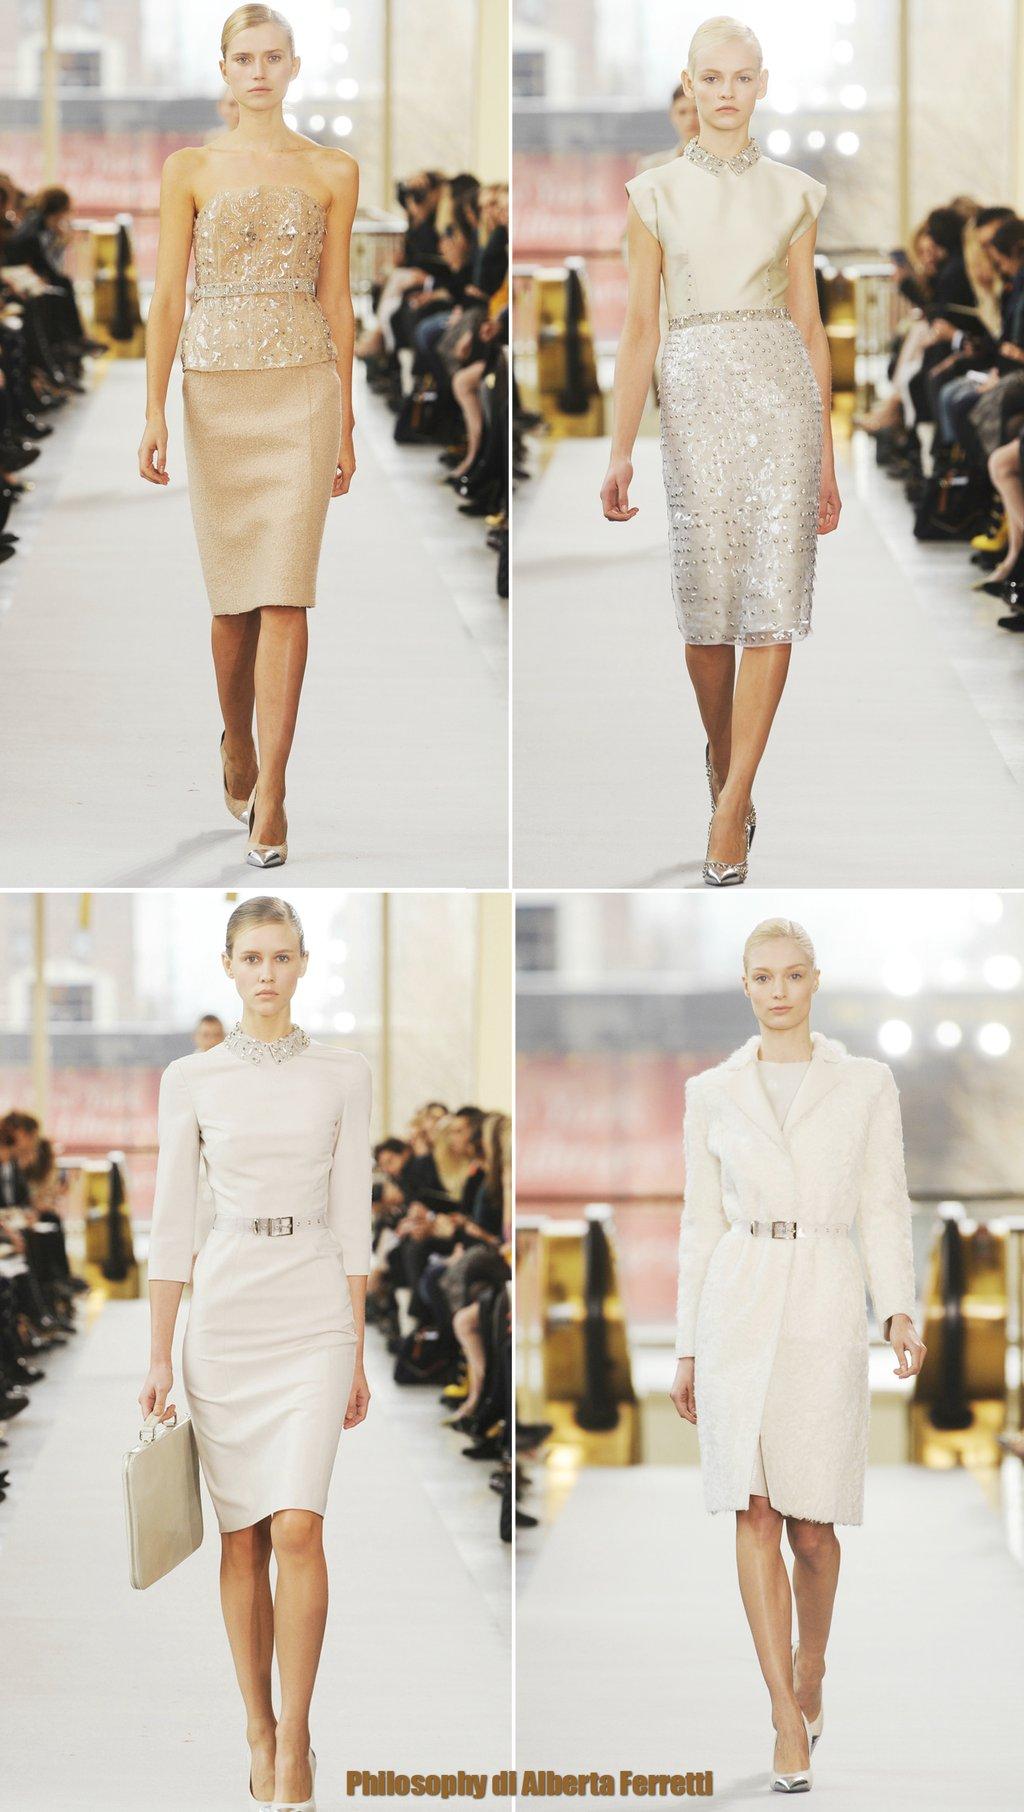 Little-white-wedding-dresses-sparkle-alberta-ferretti.full